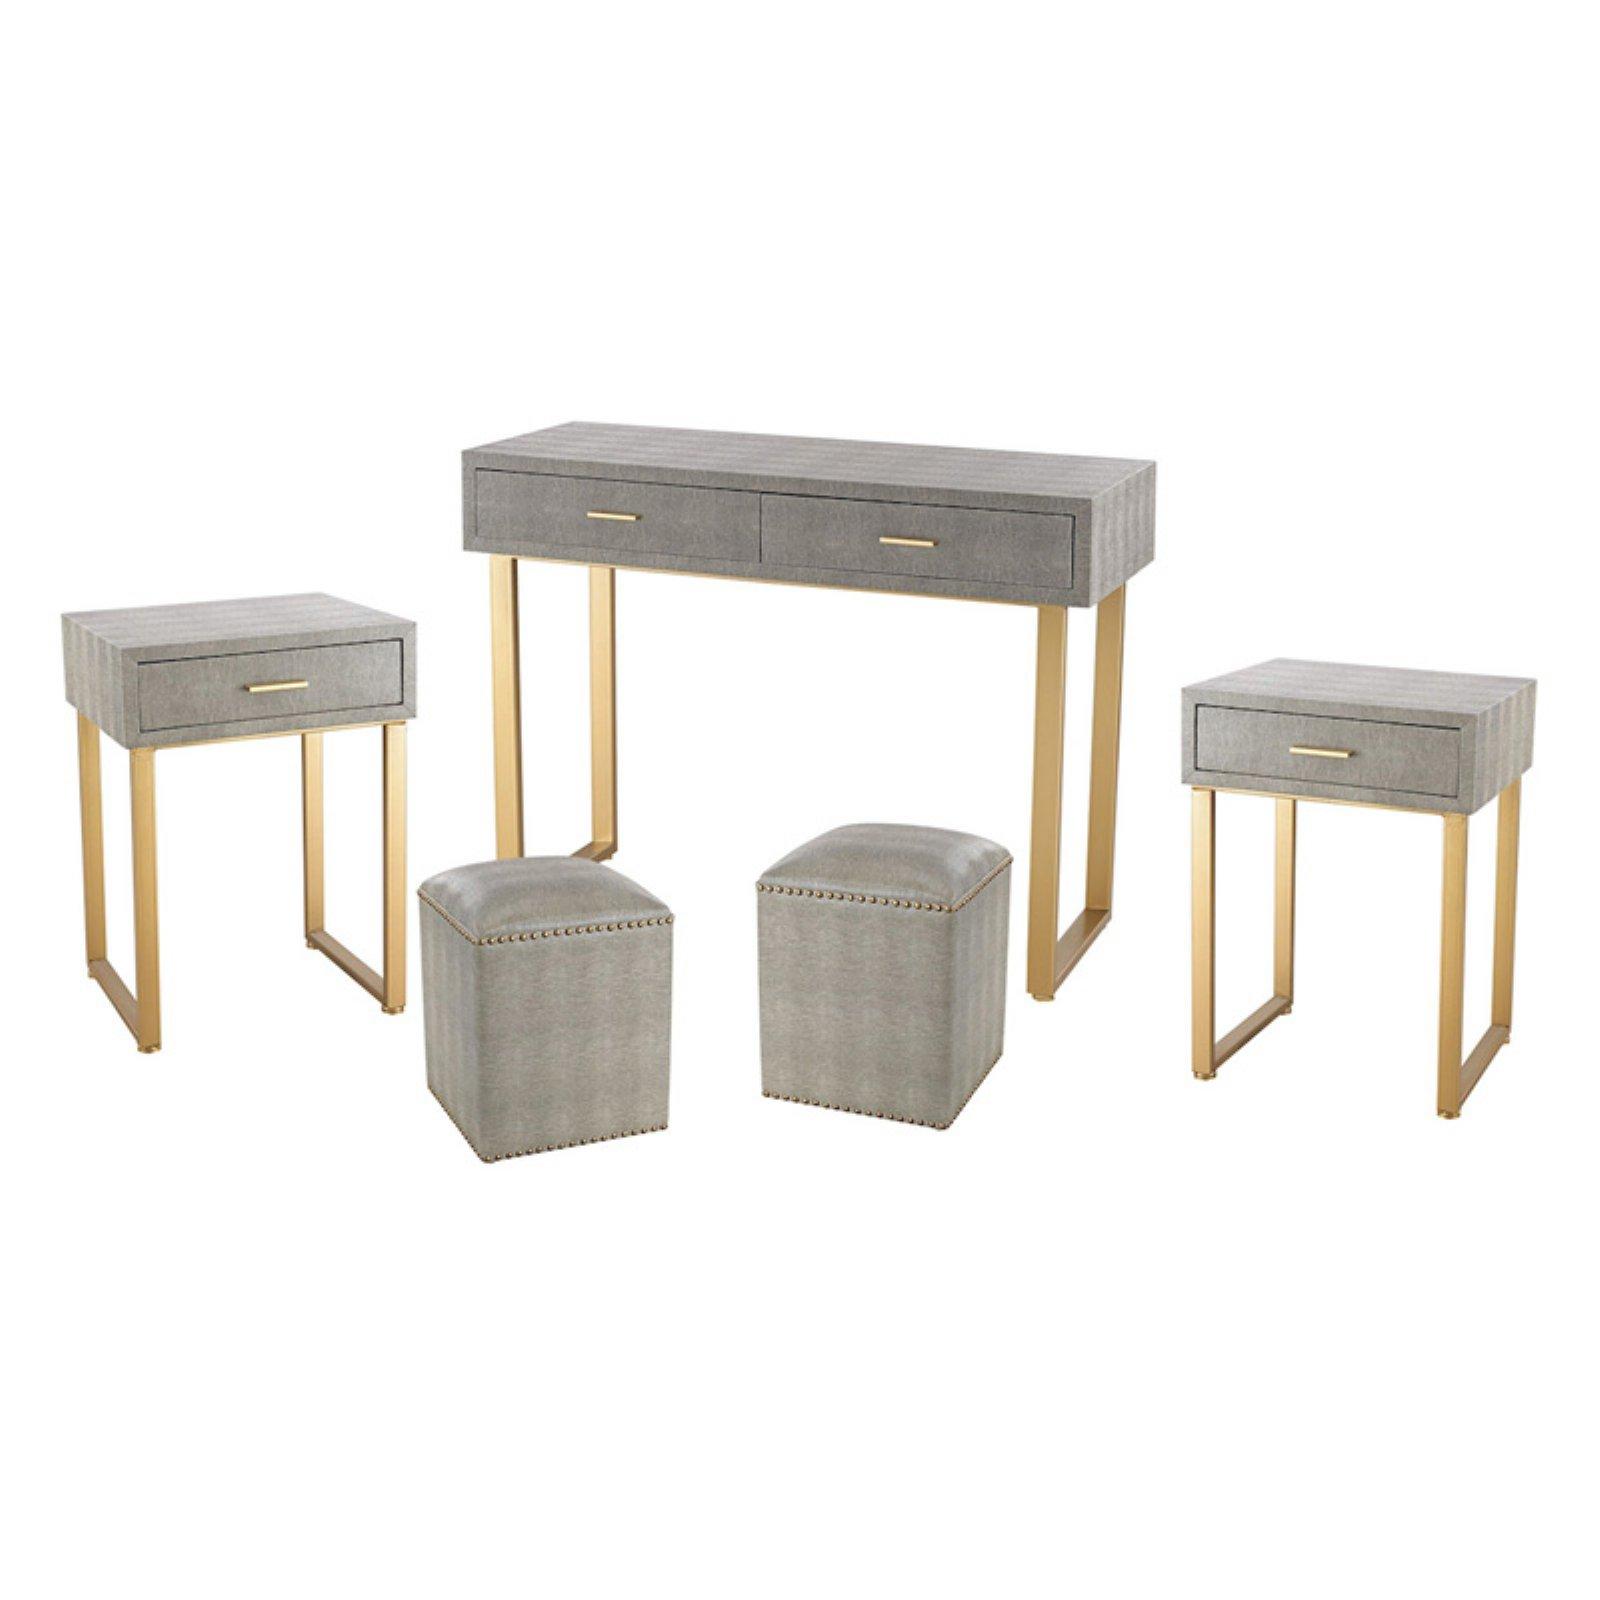 ELK Lighting Beaufort Point 5 Piece Bedroom Vanity Furniture Set by Sterling